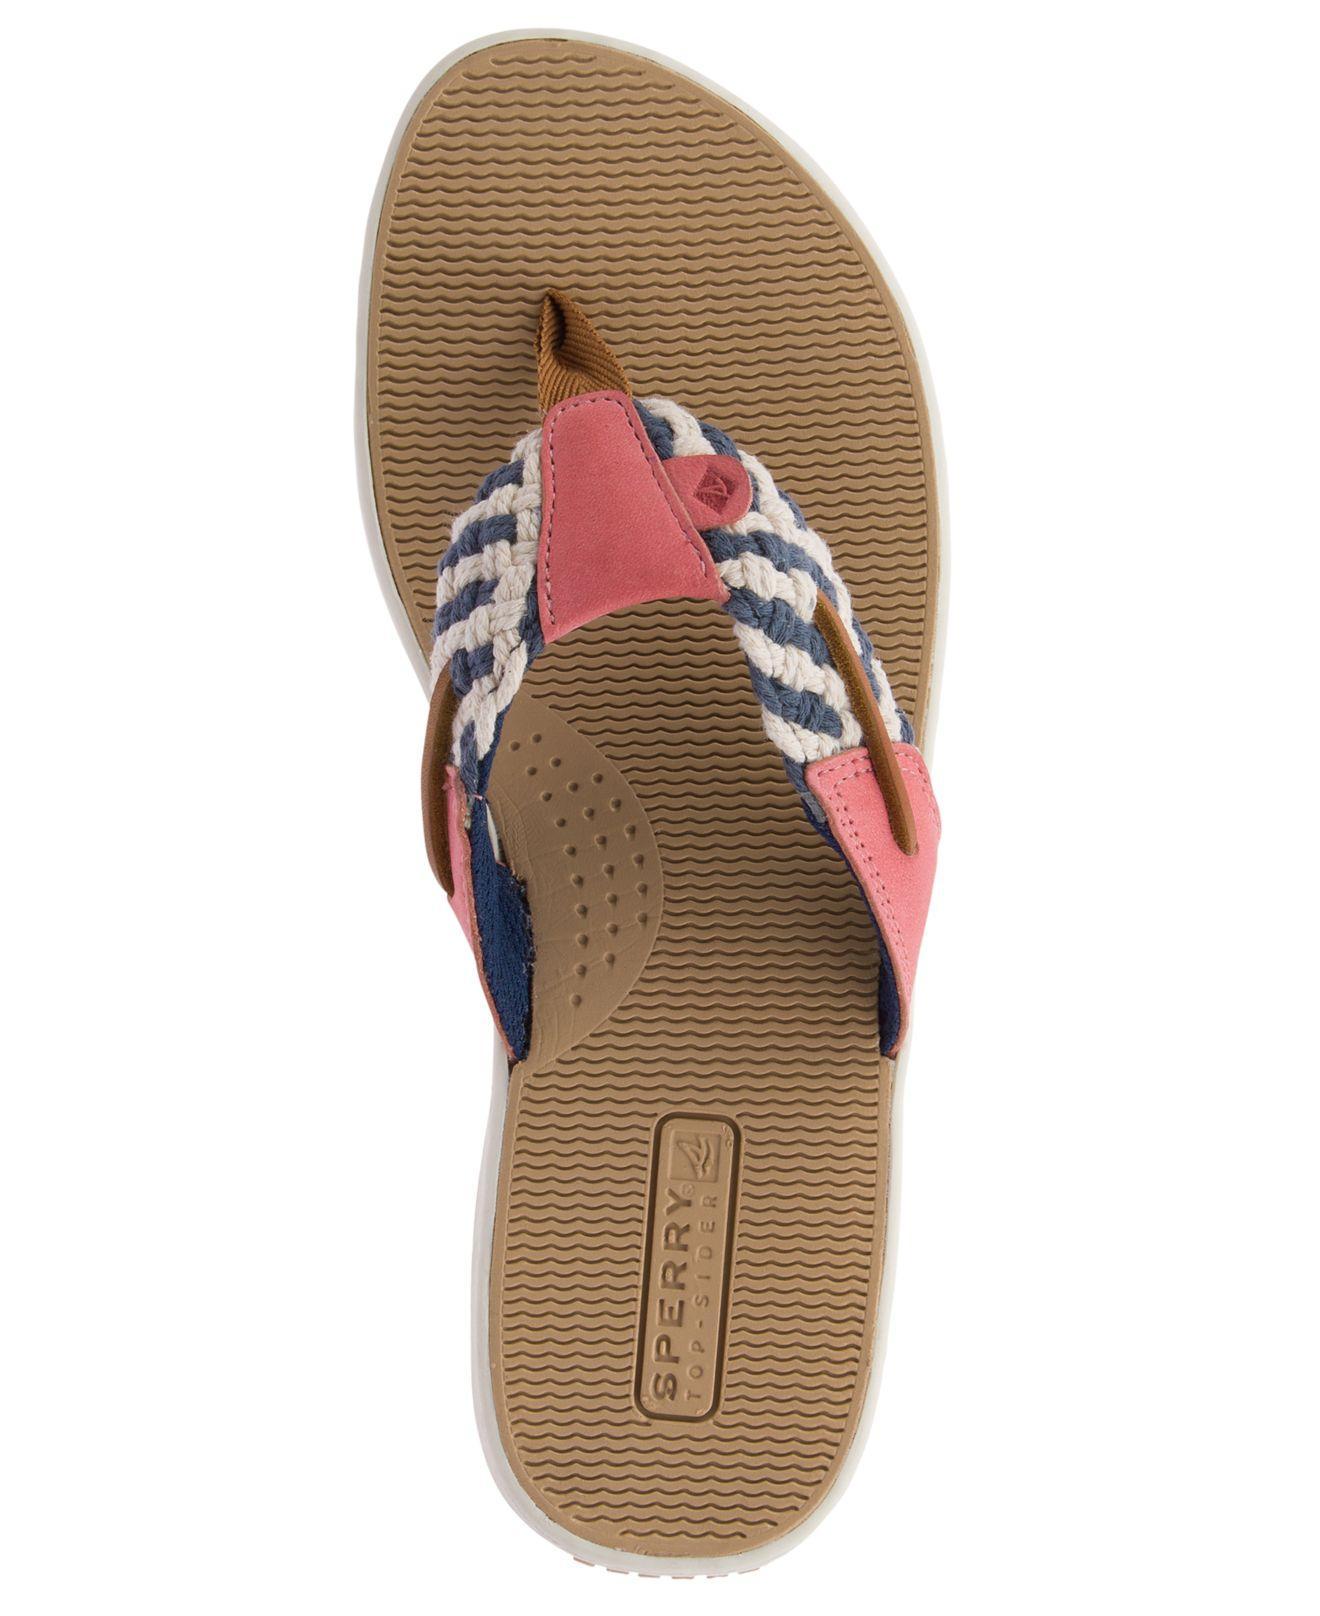 Parrotfish Flip-flop Sandals